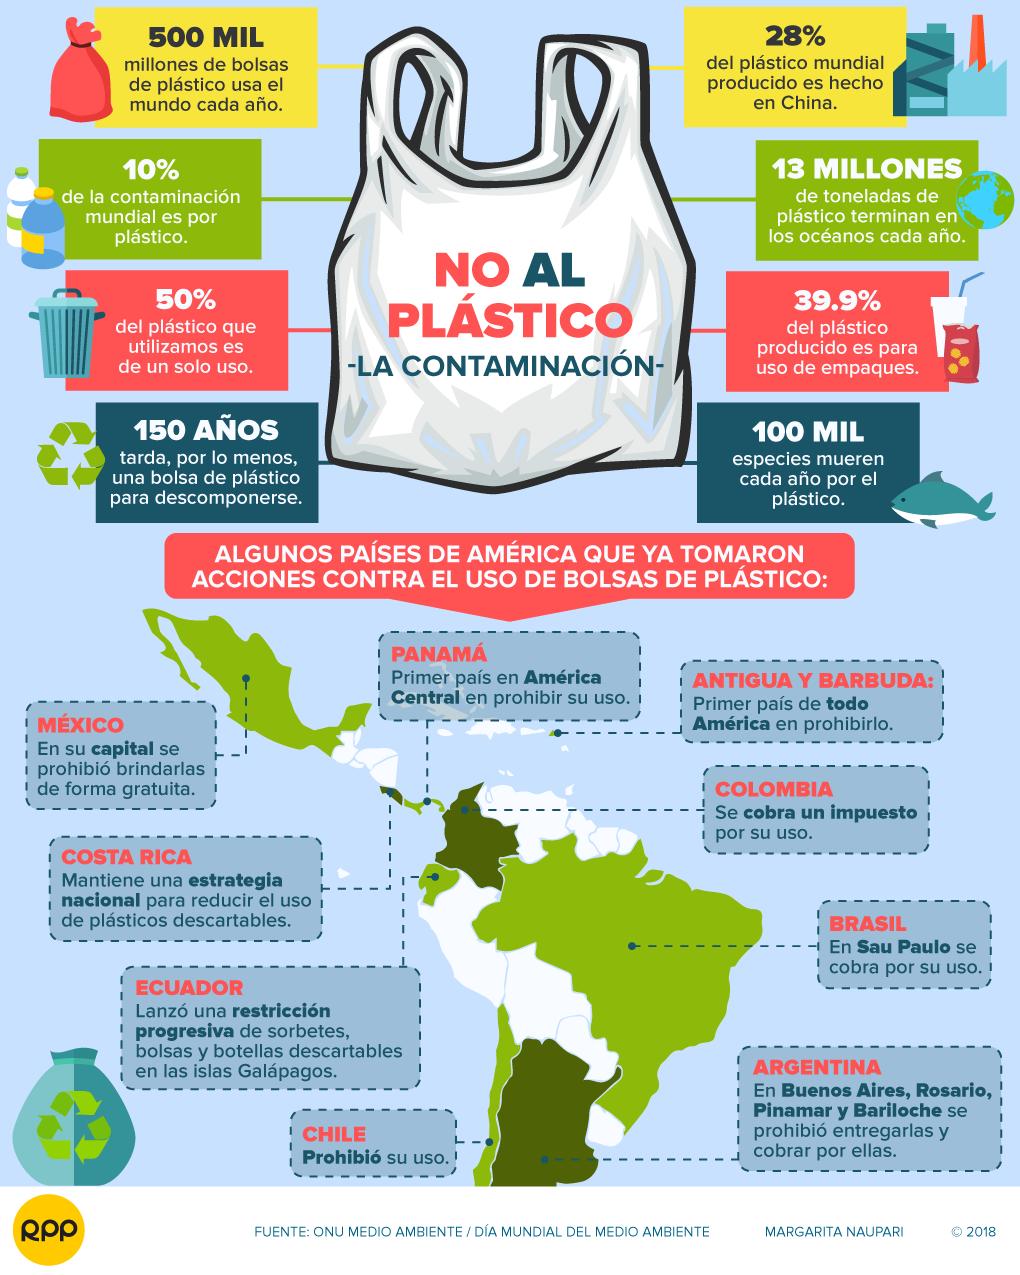 Da del medio ambiente cinco acciones para cuidar nuestro planeta cuidar nuestro planeta redaccin en amrica latina 9 pases ya han tomado medidas para reducir el uso de bolsas thecheapjerseys Choice Image